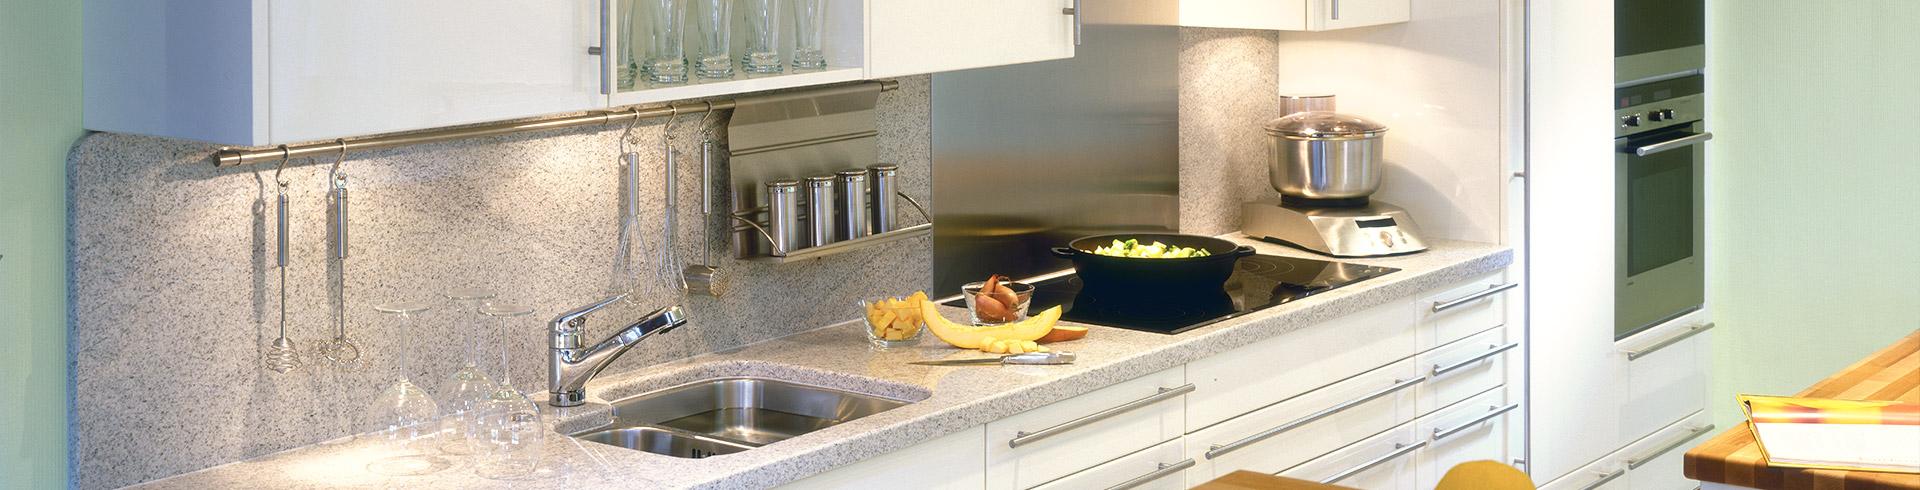 Die Arbeitsplatte aus Naturstein - Mittelpunkt der Küche